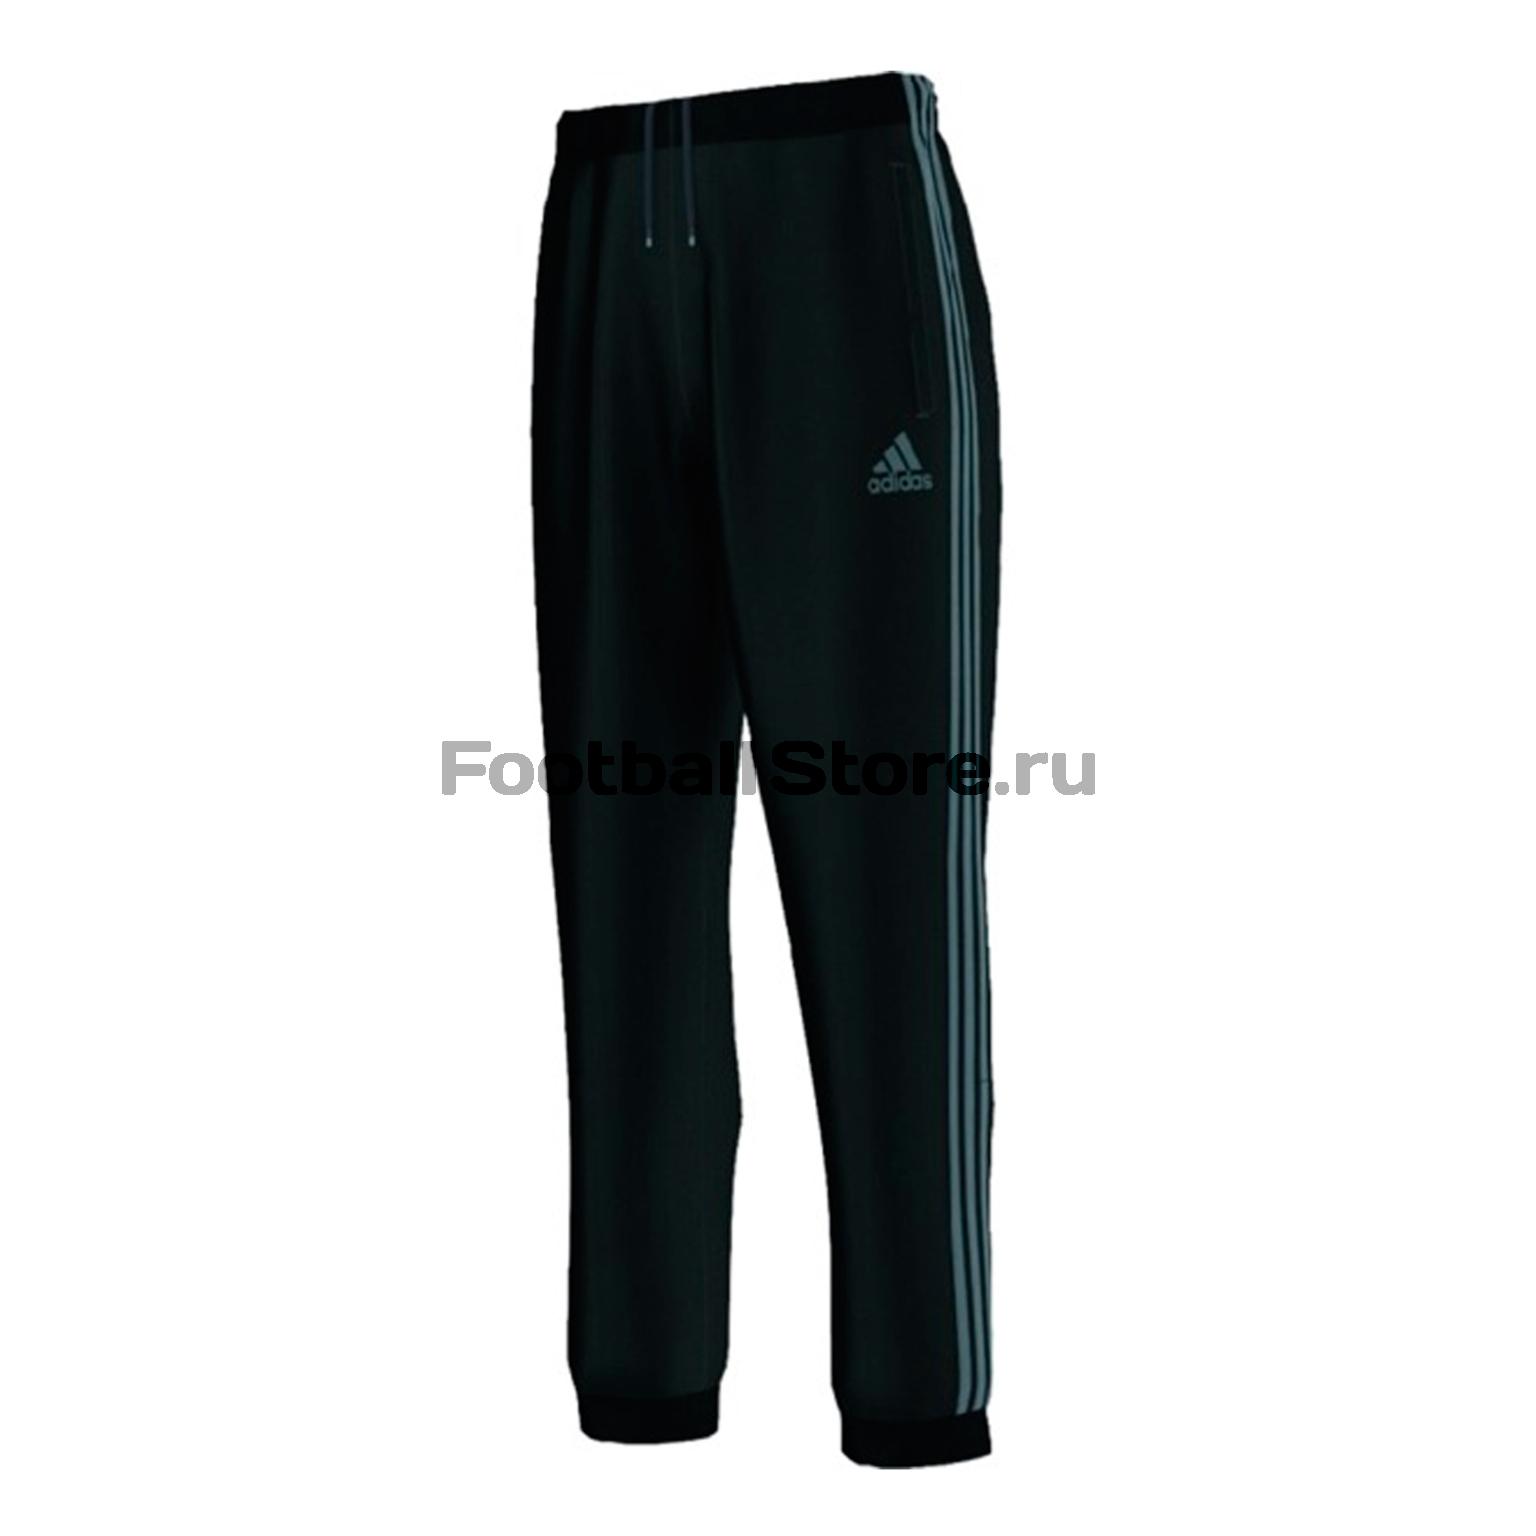 Брюки ветрозащитные Adidas Con16 Rain PNT AN9873 брюки adidas con16 trg pnt ab3131